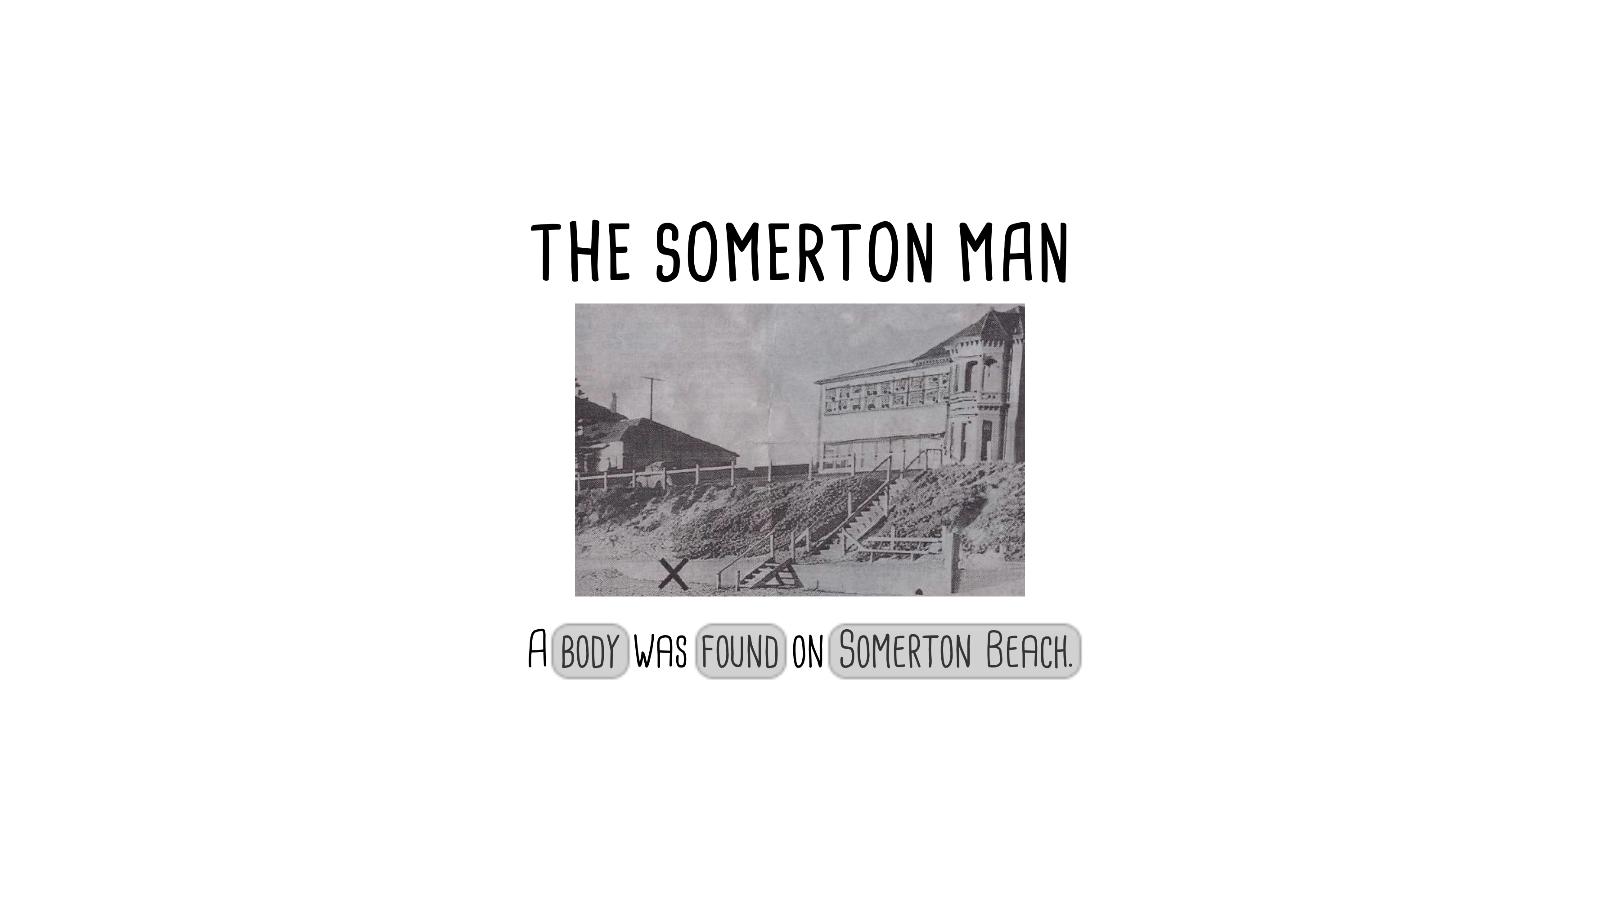 The Somerton Man